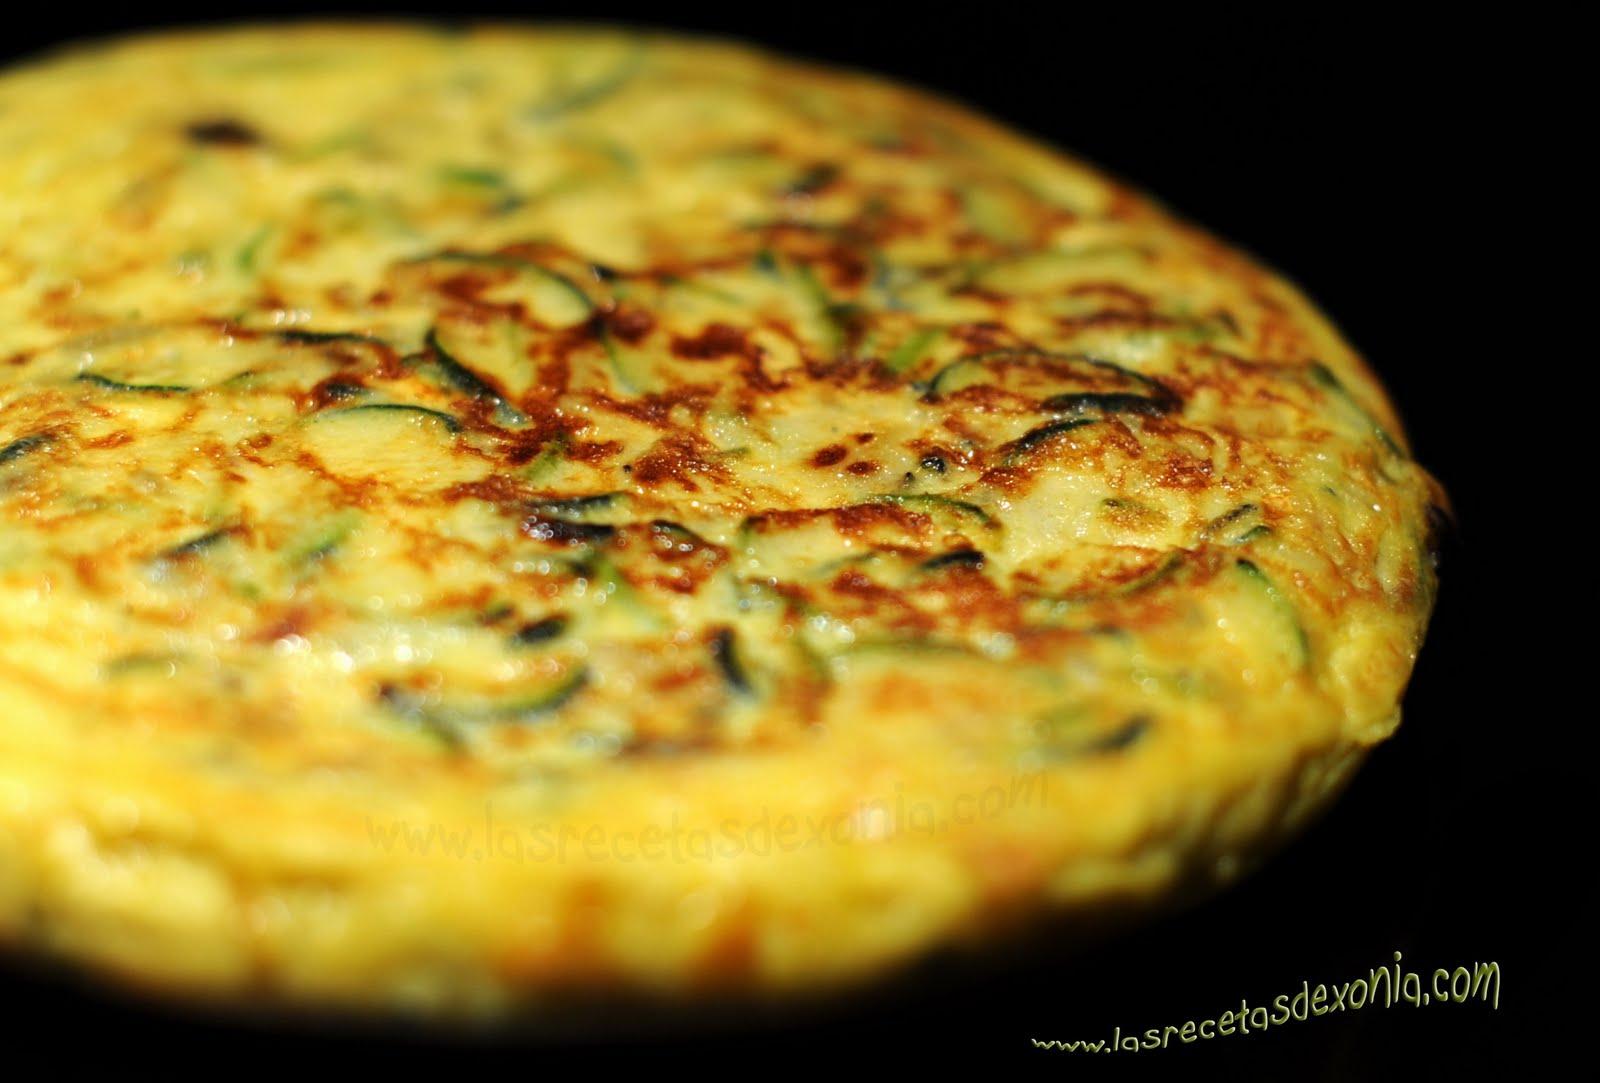 Tortilla de calabacin las recetas de xonia - Tortilla de calabacin y cebolla ...